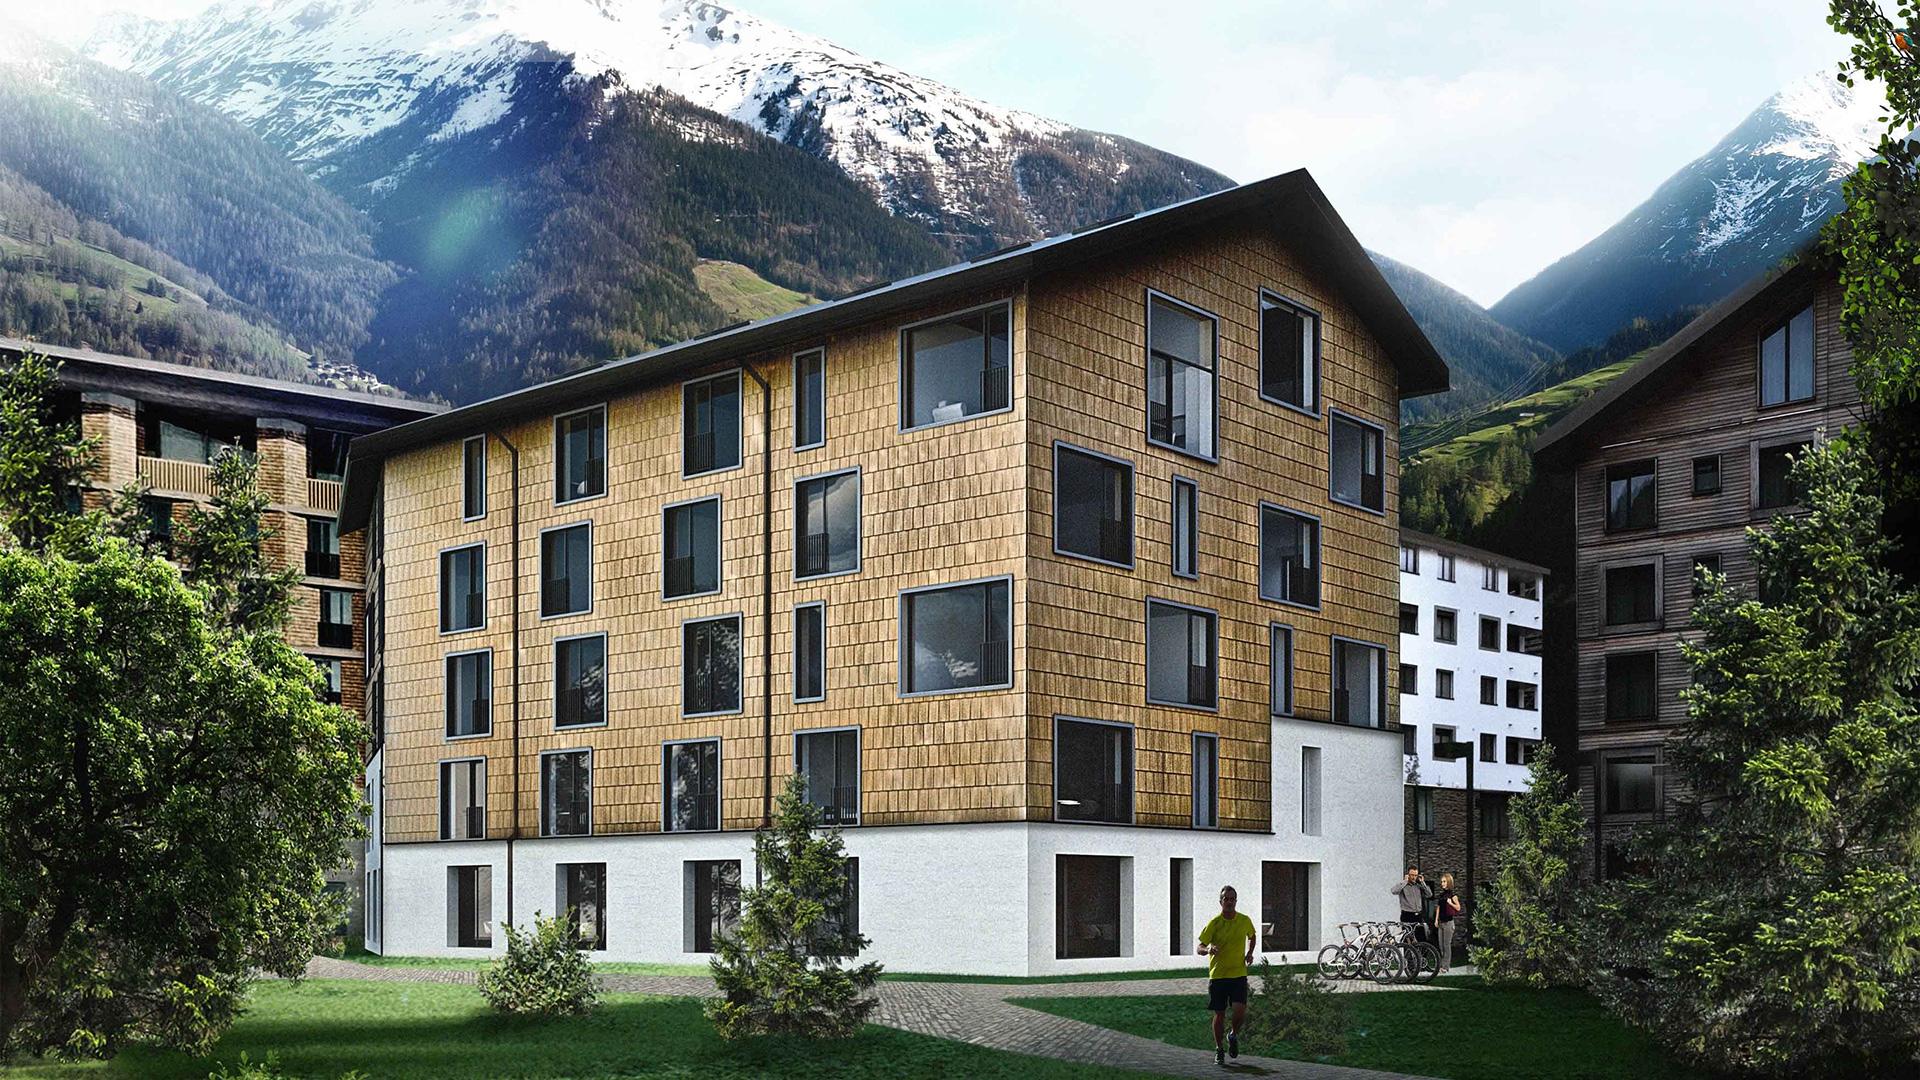 House Eisvogel Apartments, Switzerland